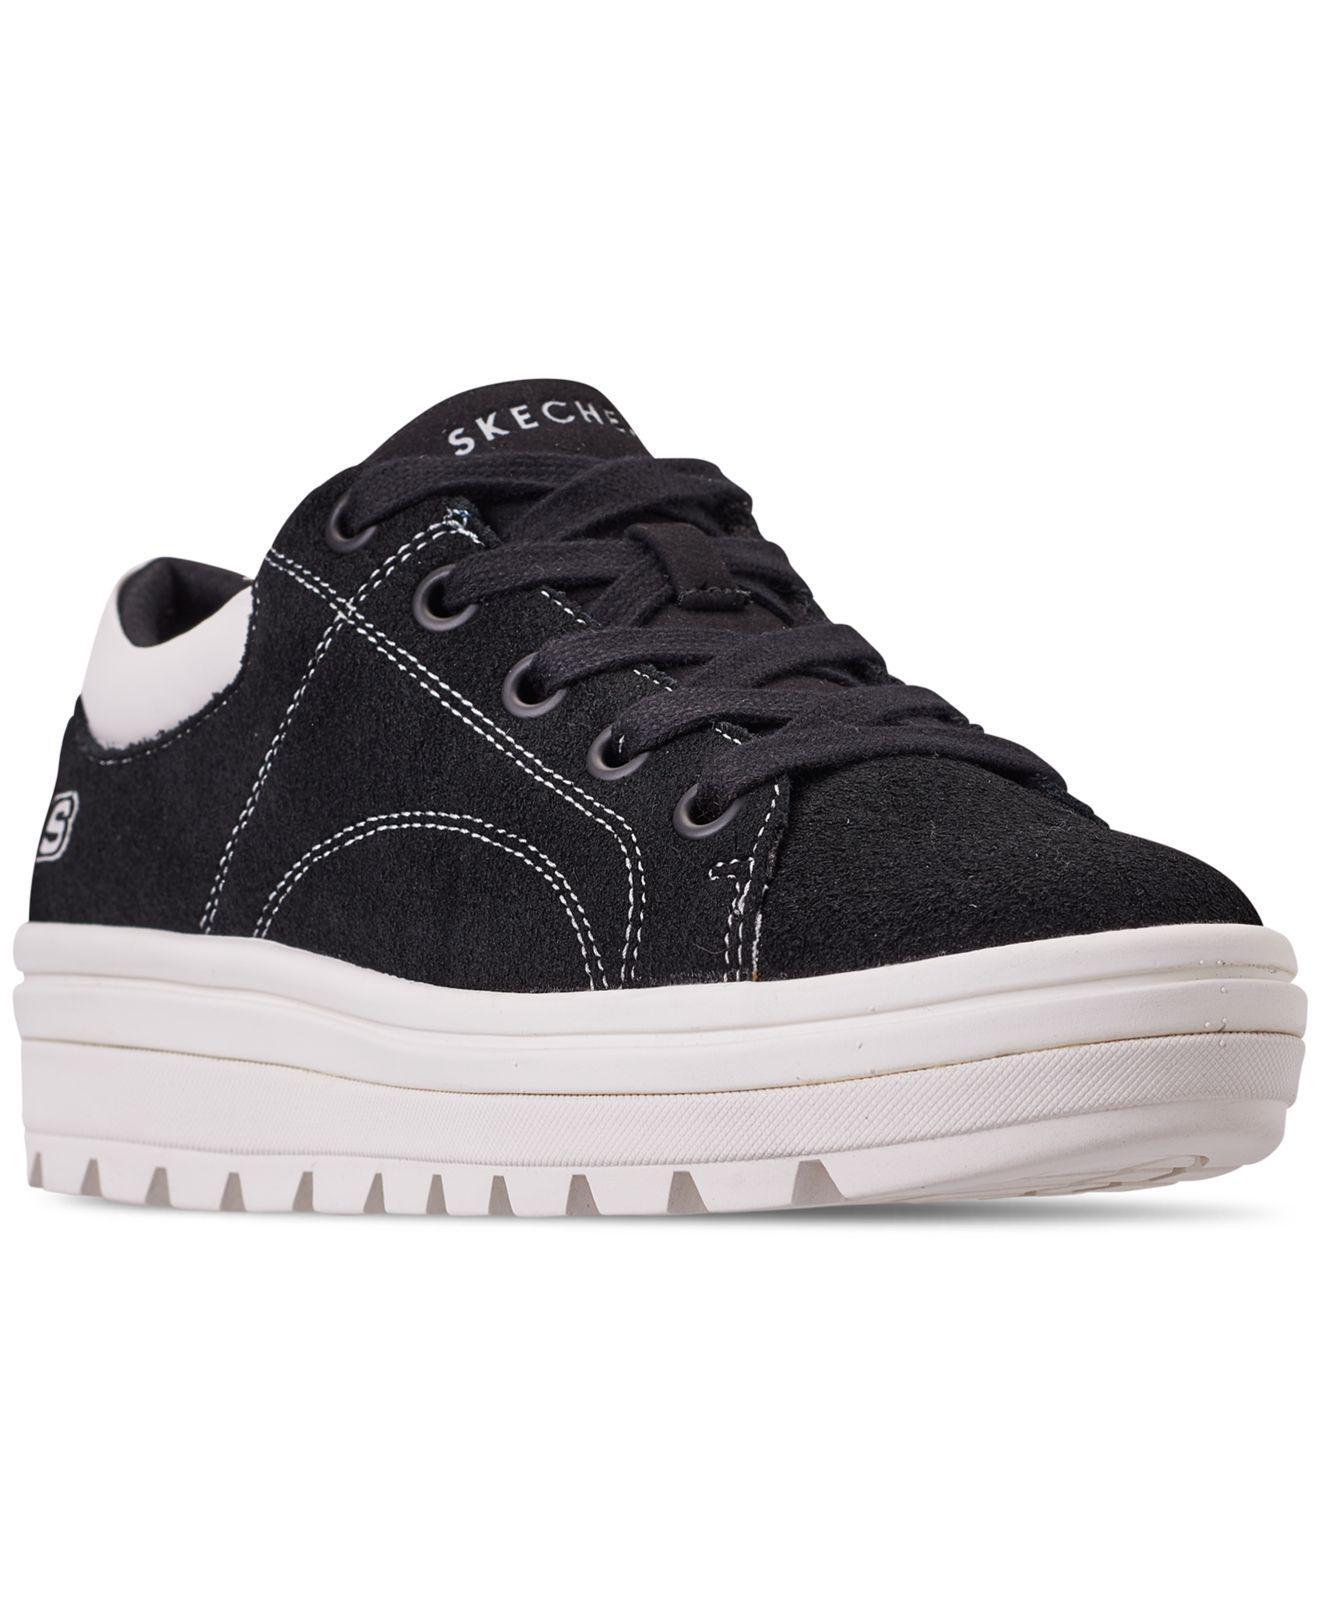 406e7d5b39b Skechers. Women s Black Street Cleat - Back Again Casual Sneakers ...